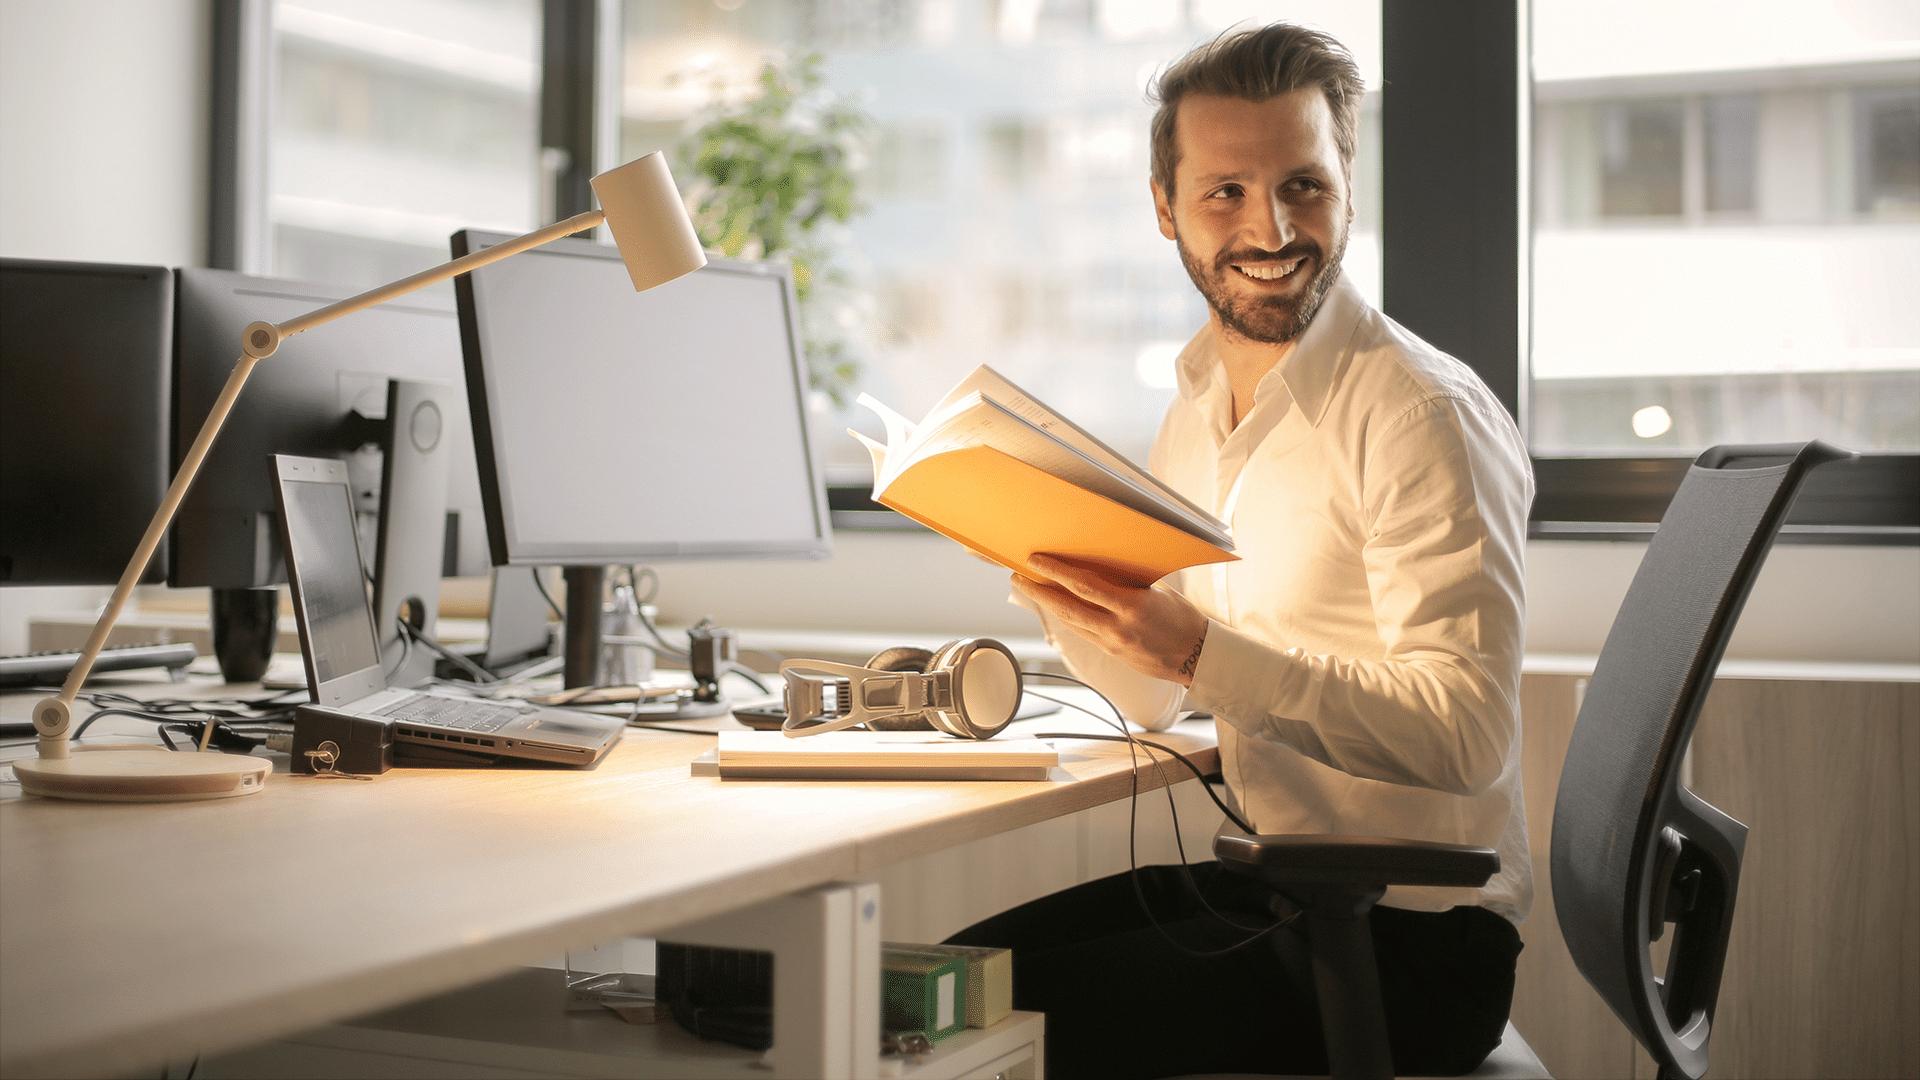 Ein Mann sitzt auf einem Bürostuhl und dreht sich lächelnd um